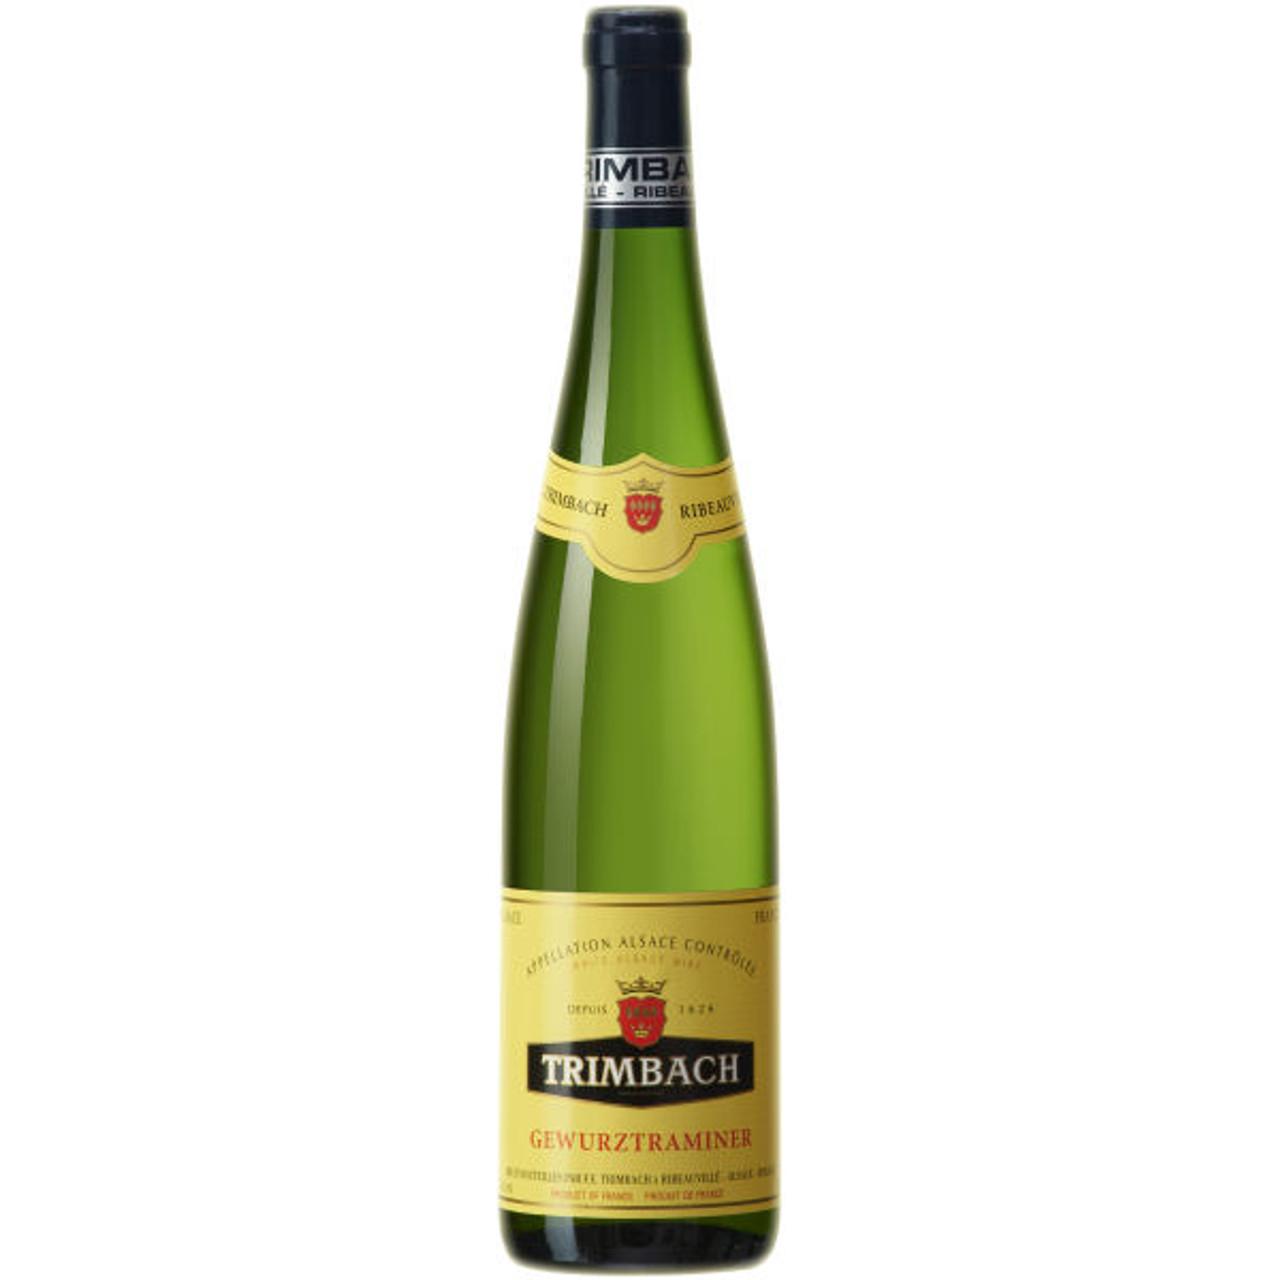 Trimbach Alsace Gewurztraminer